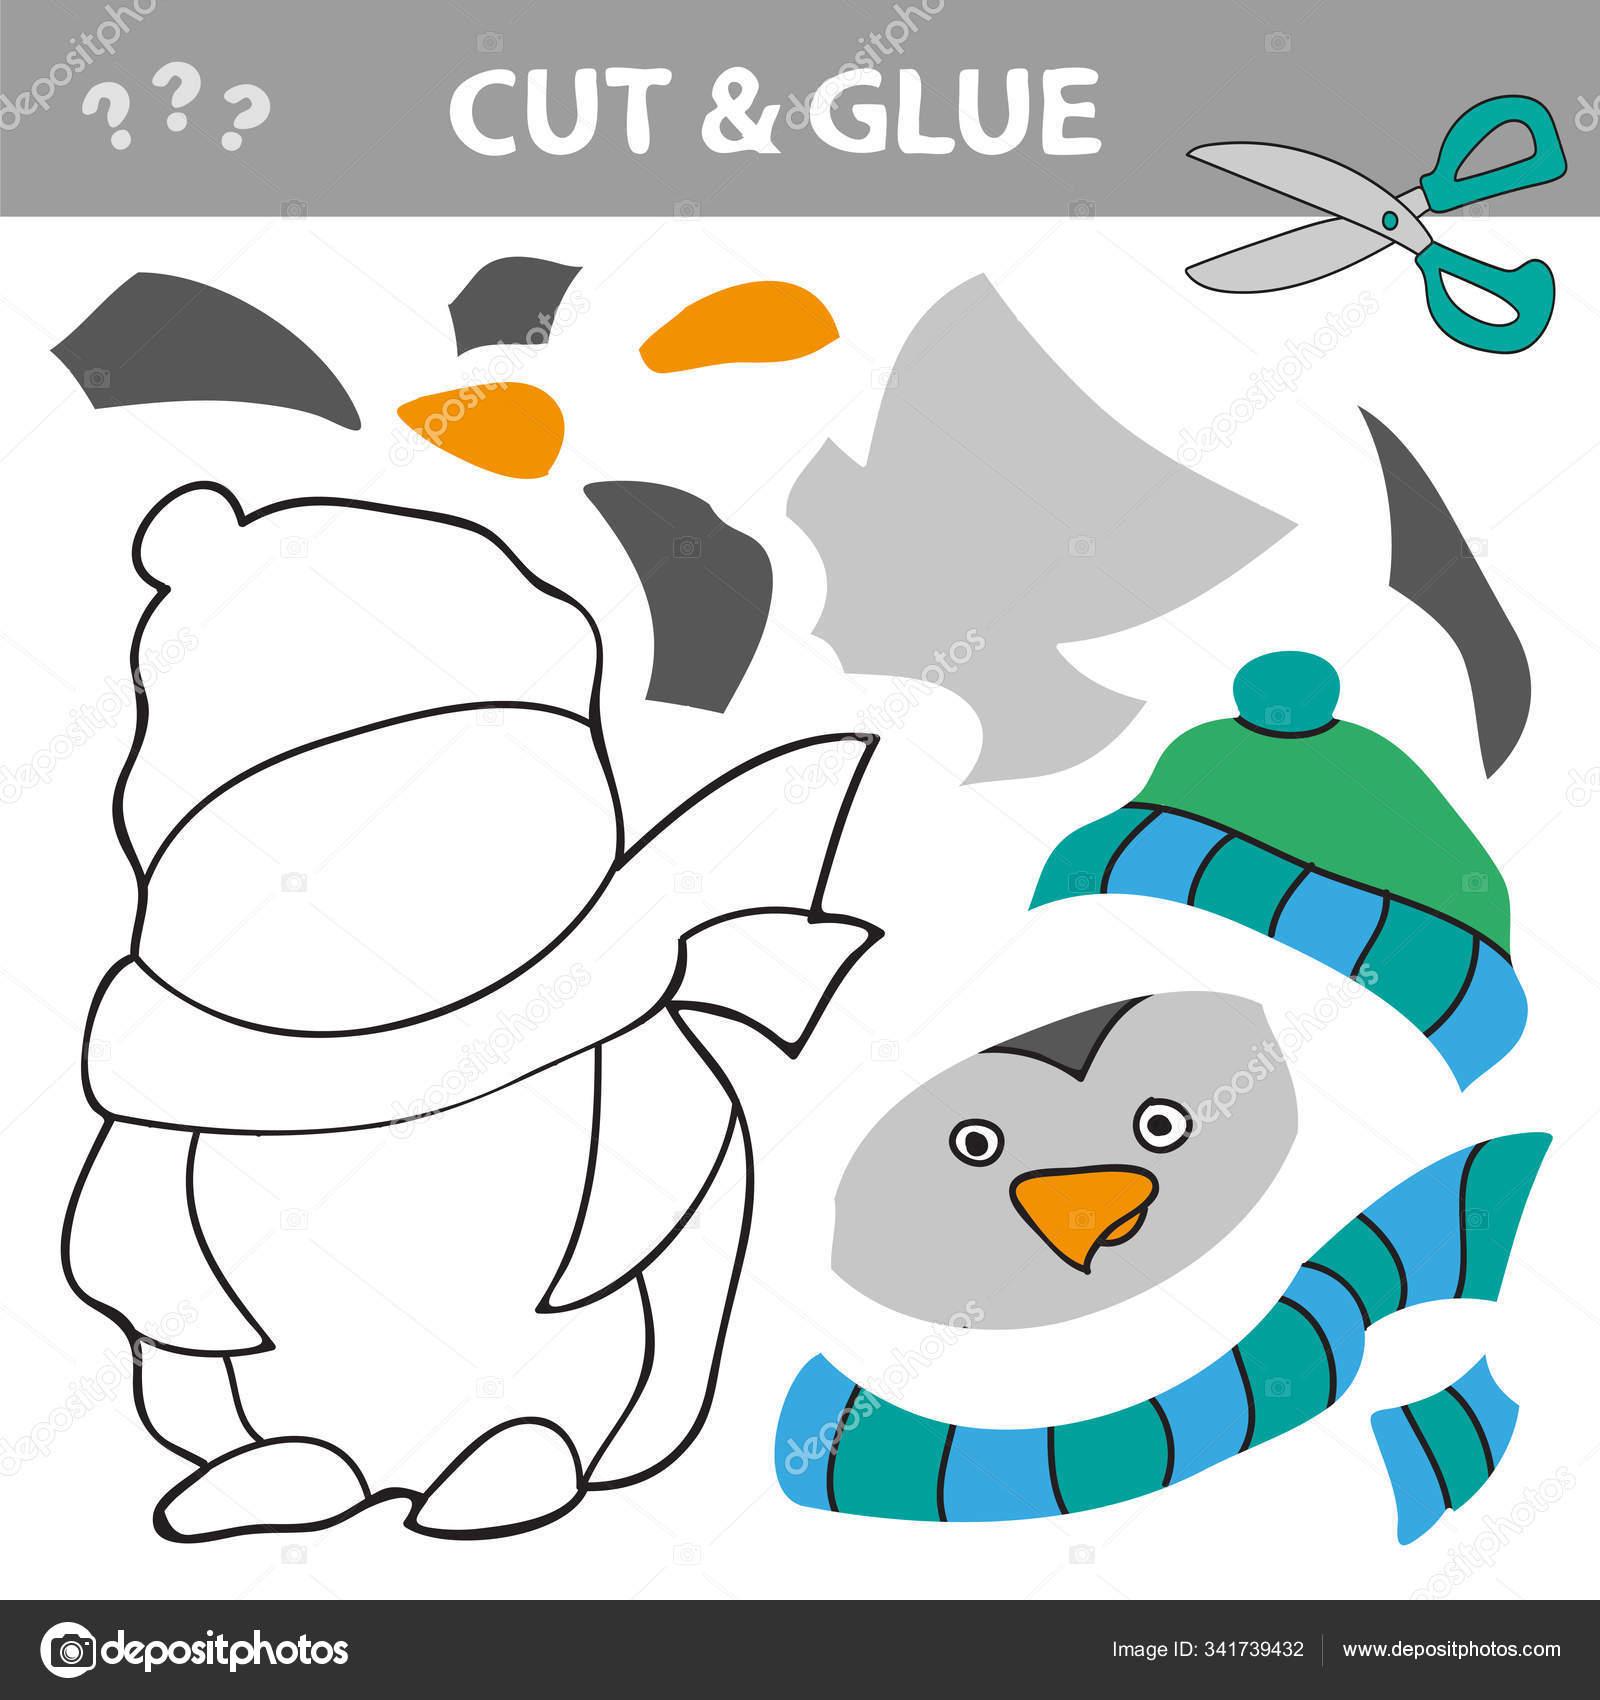 Бумажная игра для развития детей дошкольного возраста ...